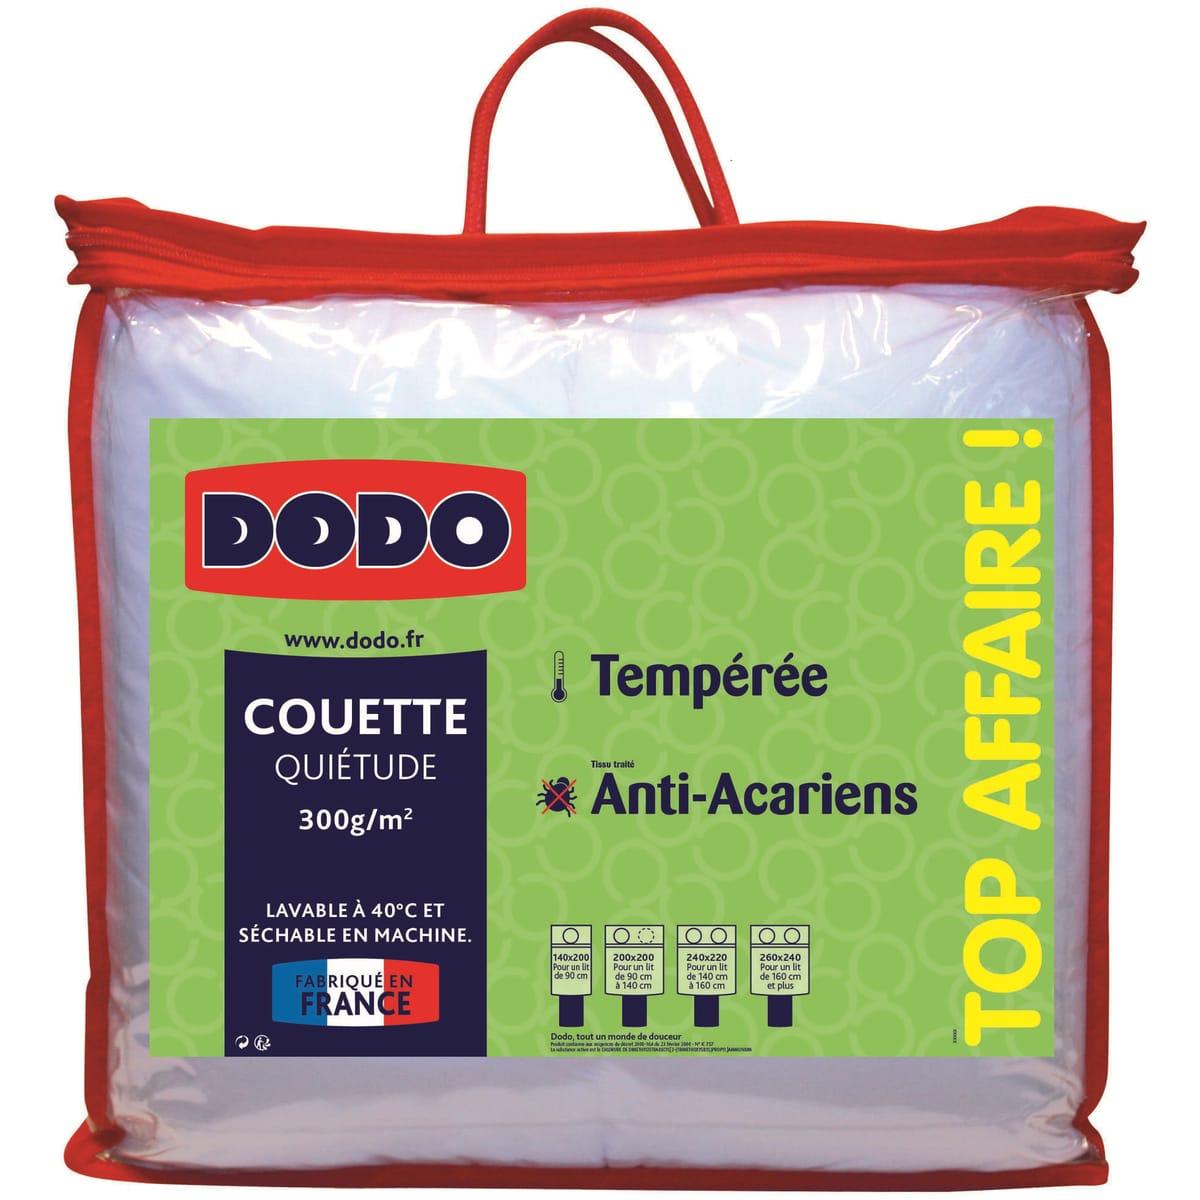 Sélection de produits Dodo en promotion - Ex : couette tempérée Quietude - anti-acariens, différentes tailles - Ex : 140x200 cm